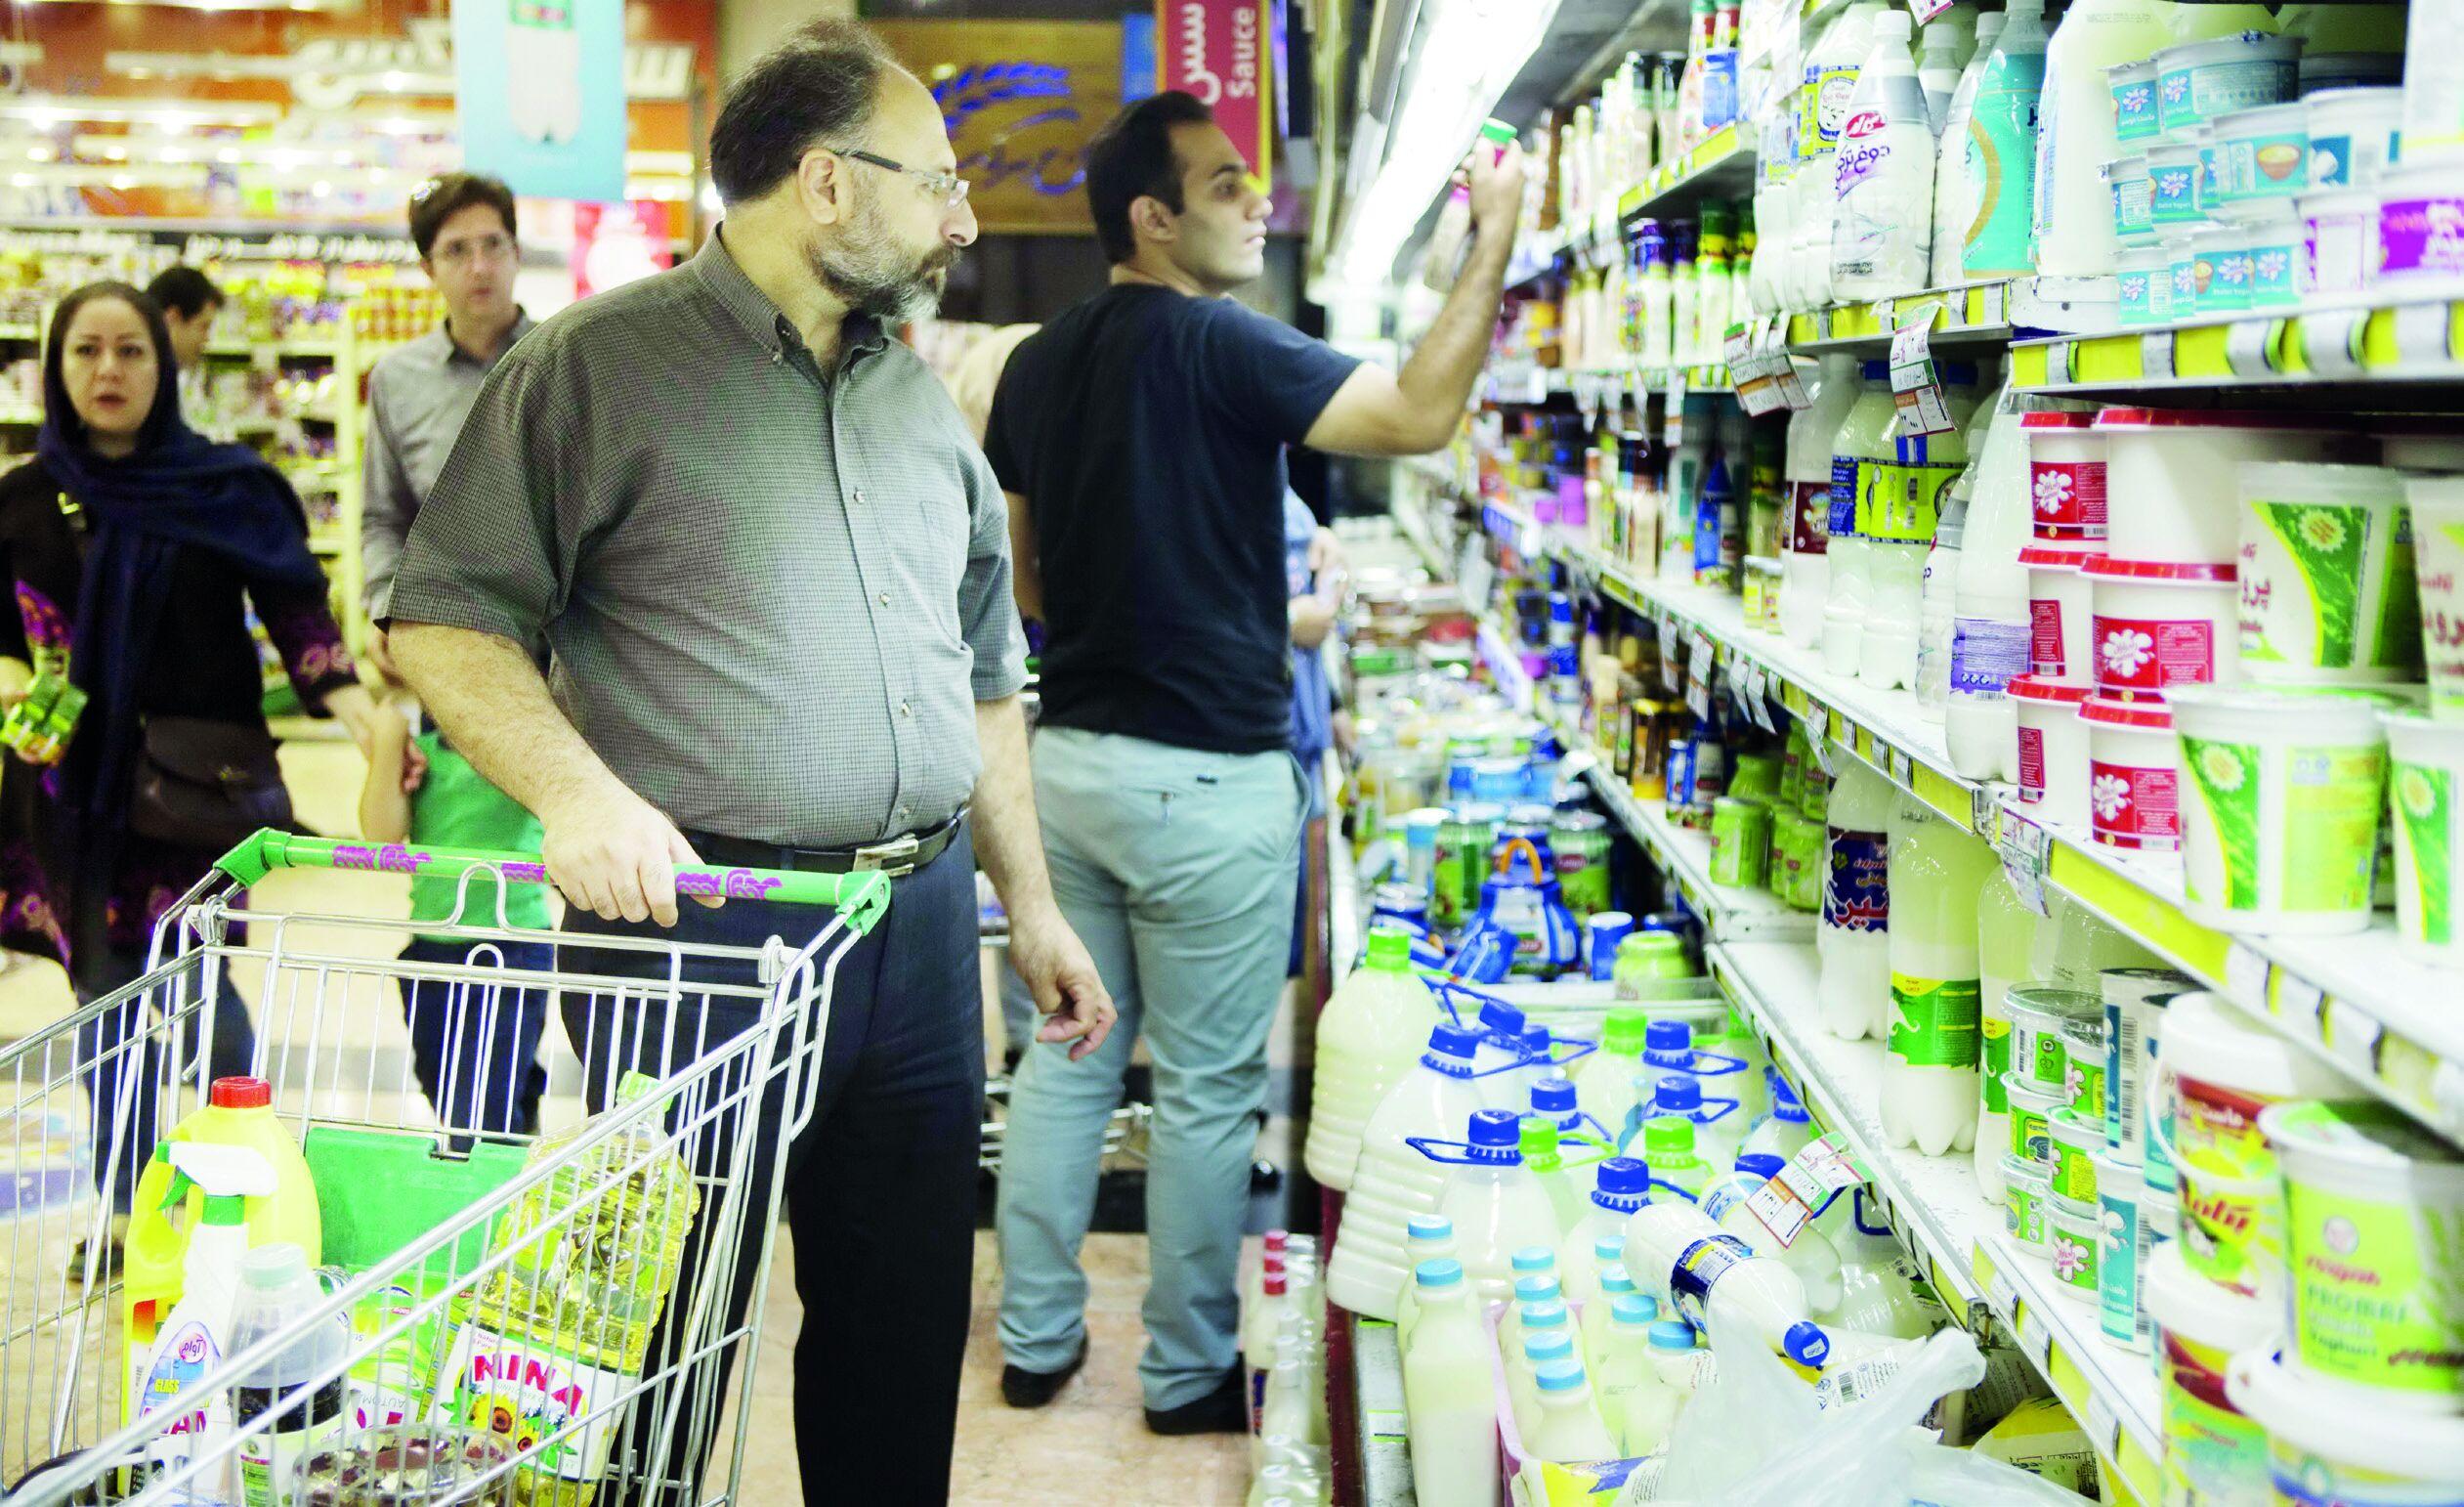 بیشترین افزایش قیمت در اردیبهشت به قند و شکر رسید!